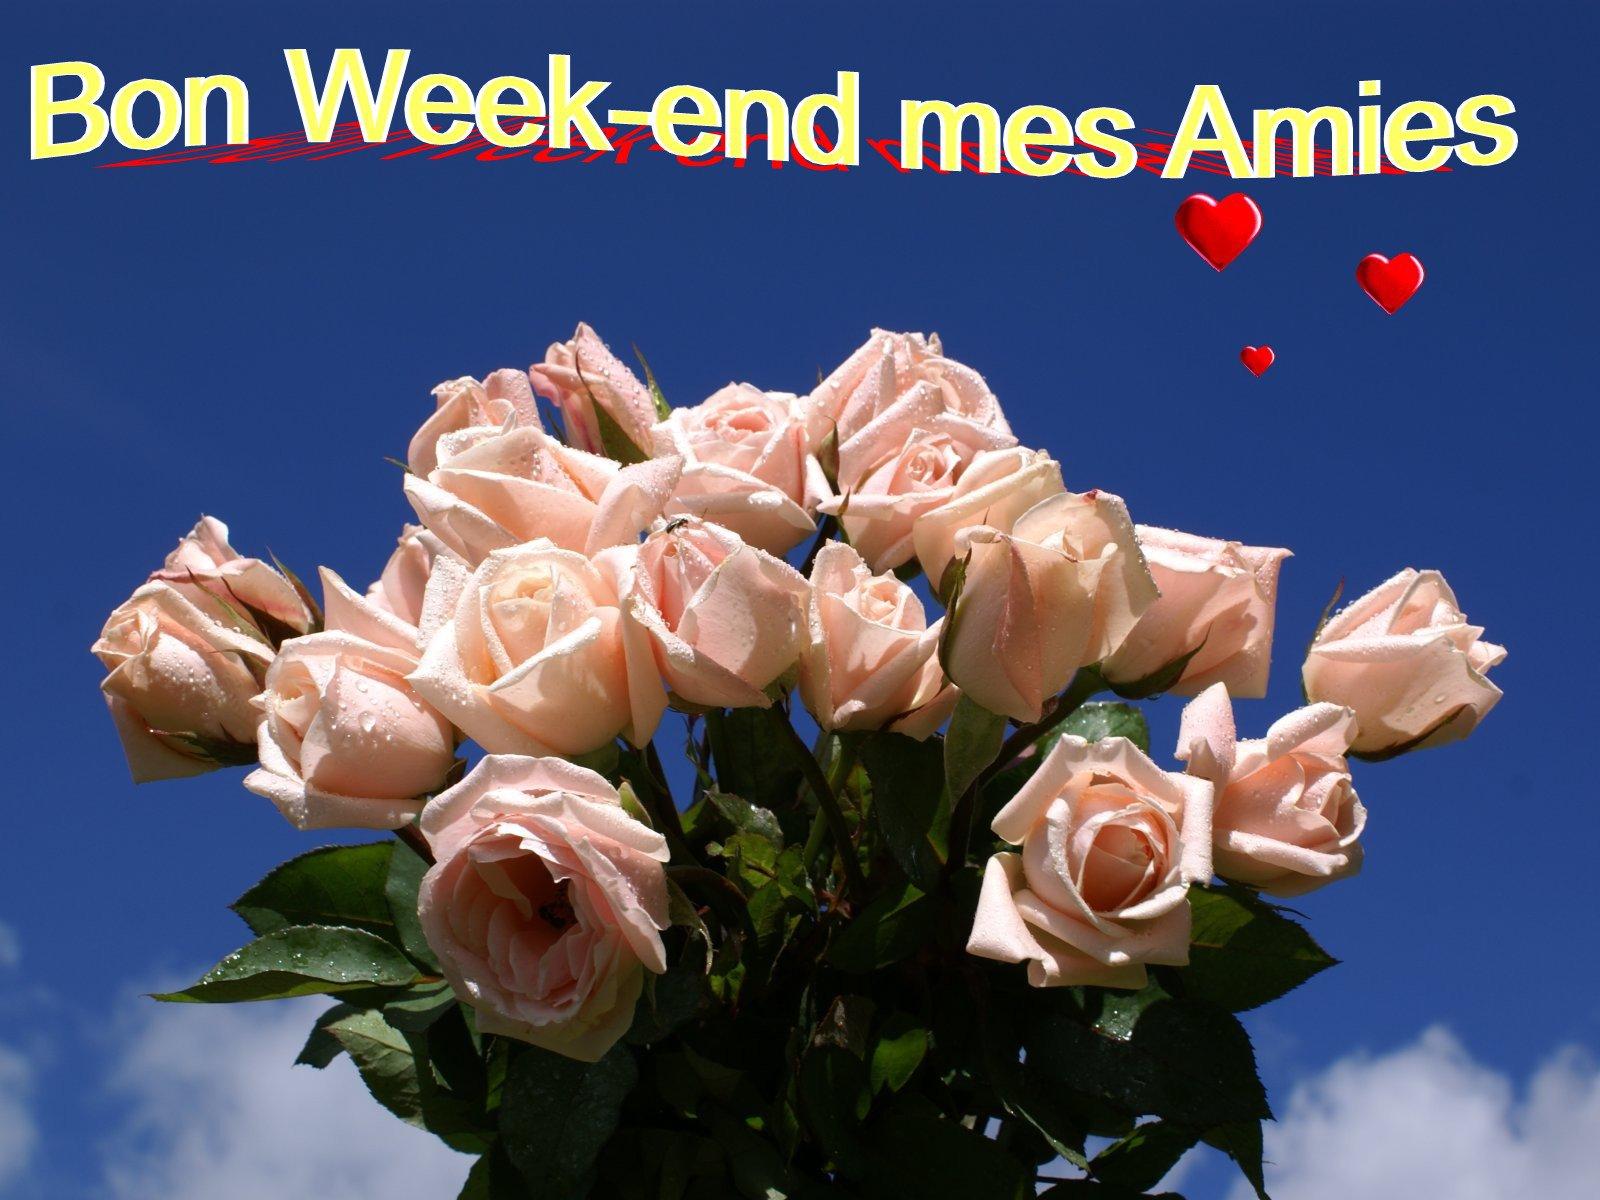 Bon week end tous et toutes mes amies maurice doctissimo - Bon week end a tous ...